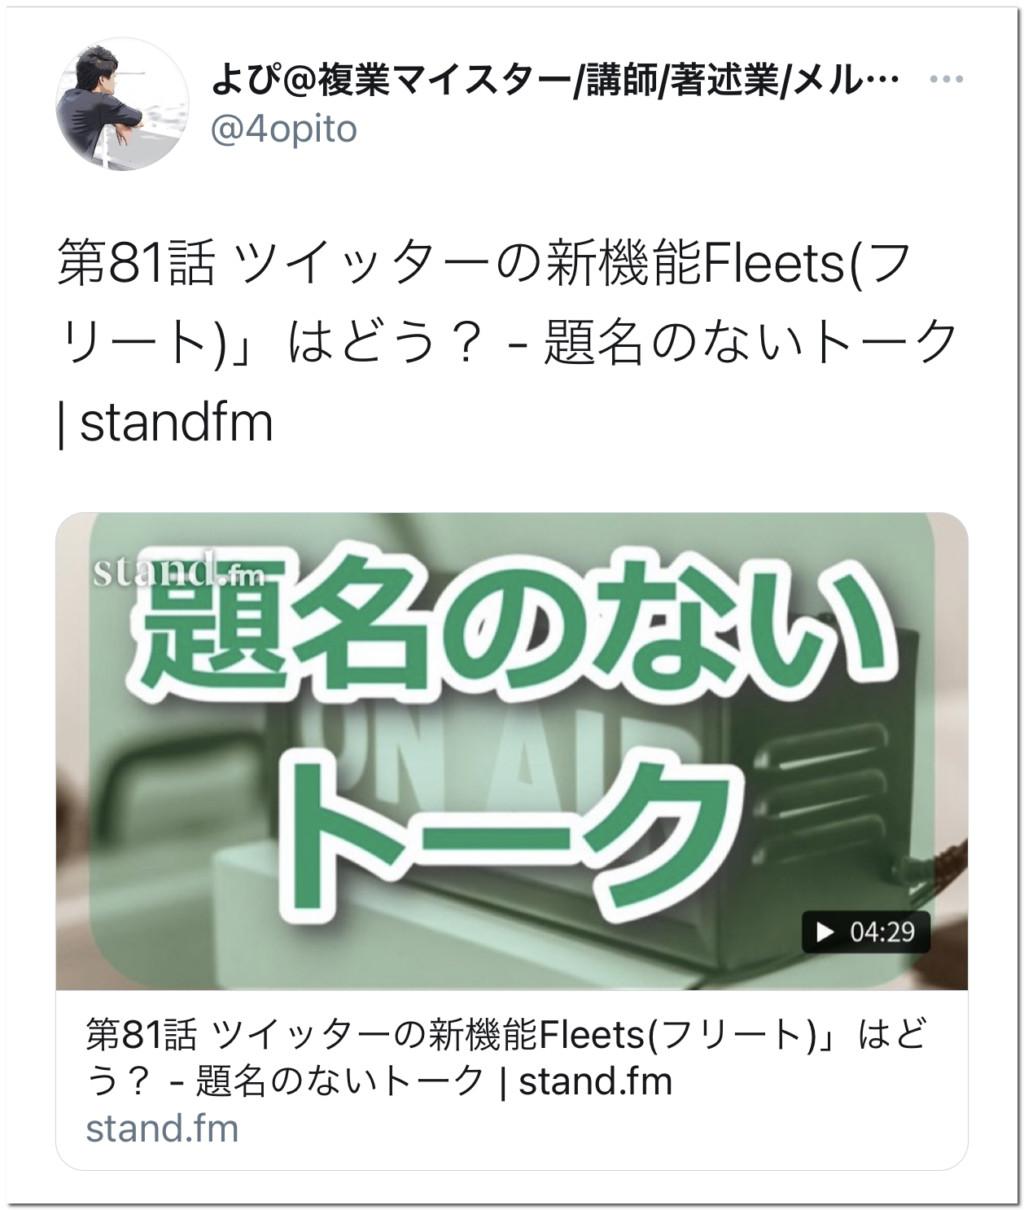 stand.fmサムネイル画像サイズ